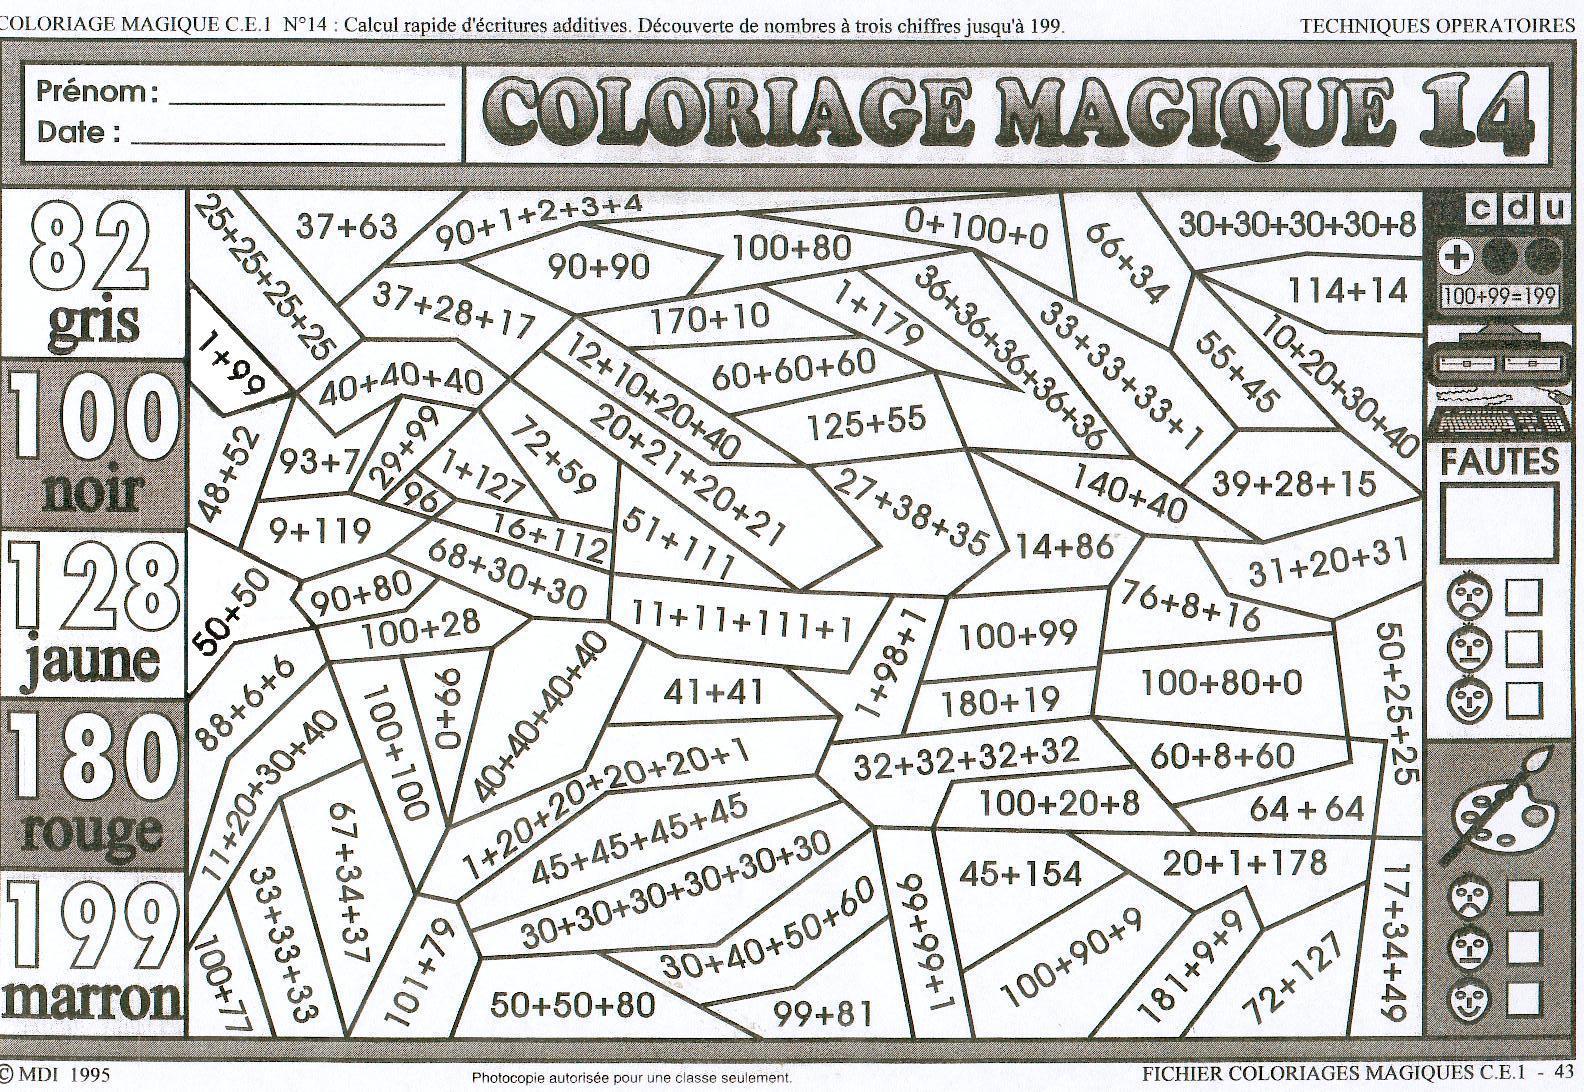 125 Dessins De Coloriage Magique Ce2 À Imprimer intérieur Coloriage Magique A Imprimer Ce2 Gratuit